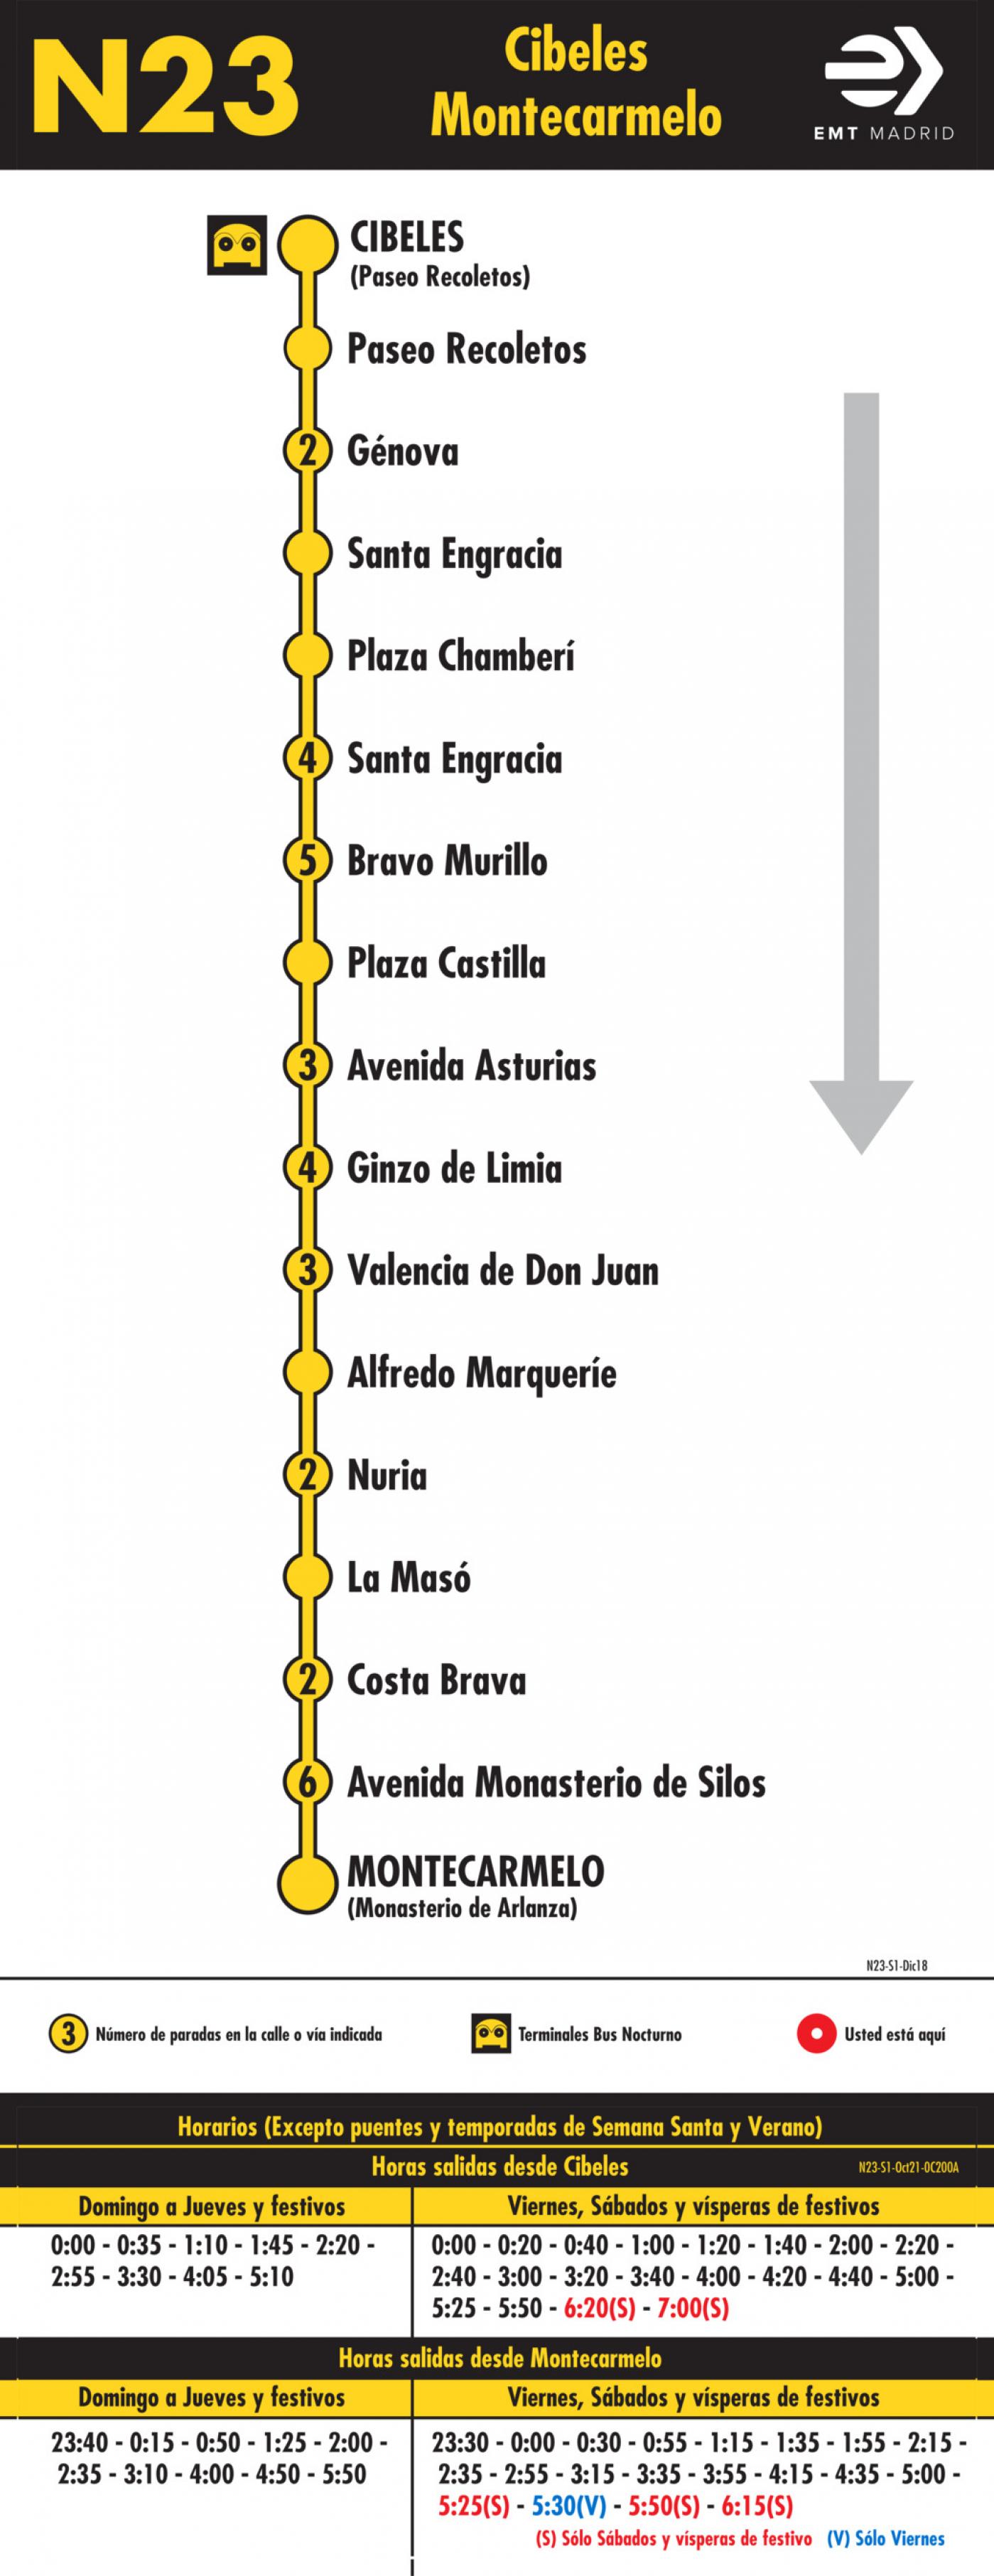 Tabla de horarios y frecuencias de paso en sentido ida Línea N23: Plaza de Cibeles - Montecarmelo (búho)